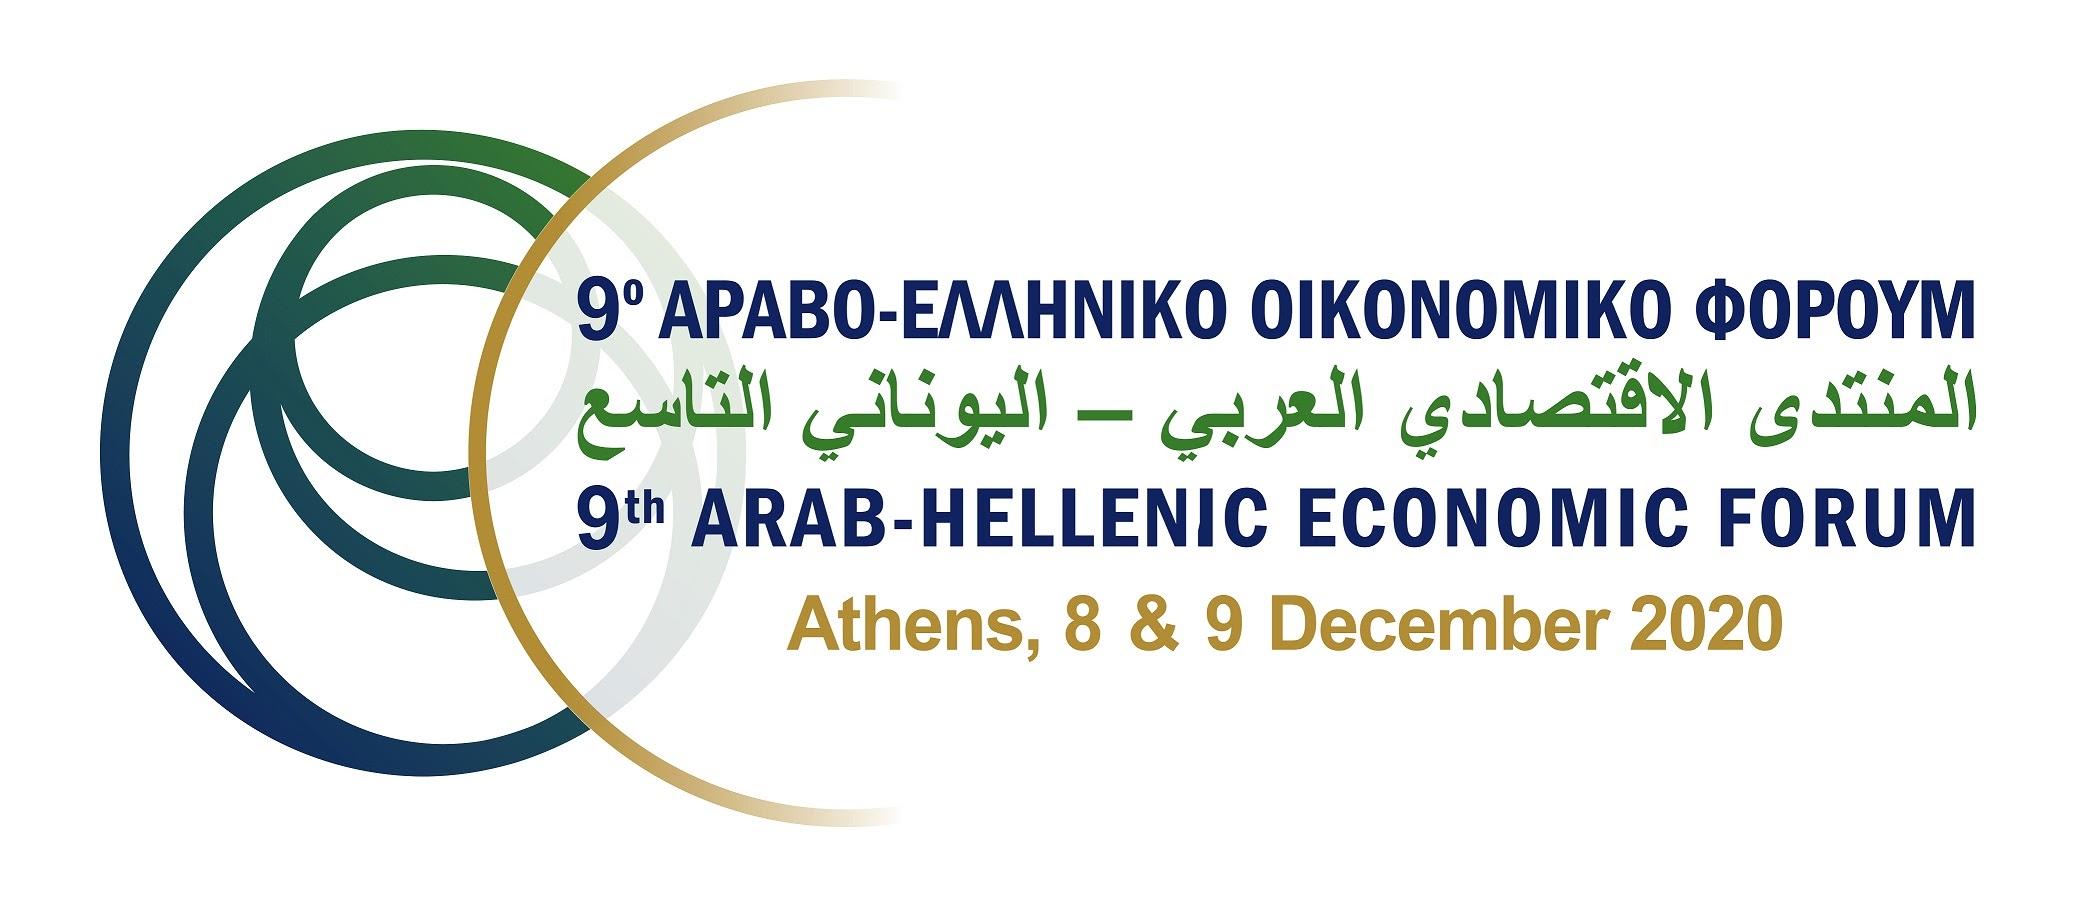 9ο Αραβο- Ελληνικό Οικονομικό Φόρουμ 8 & 9 Δεκεμβρίου 2020